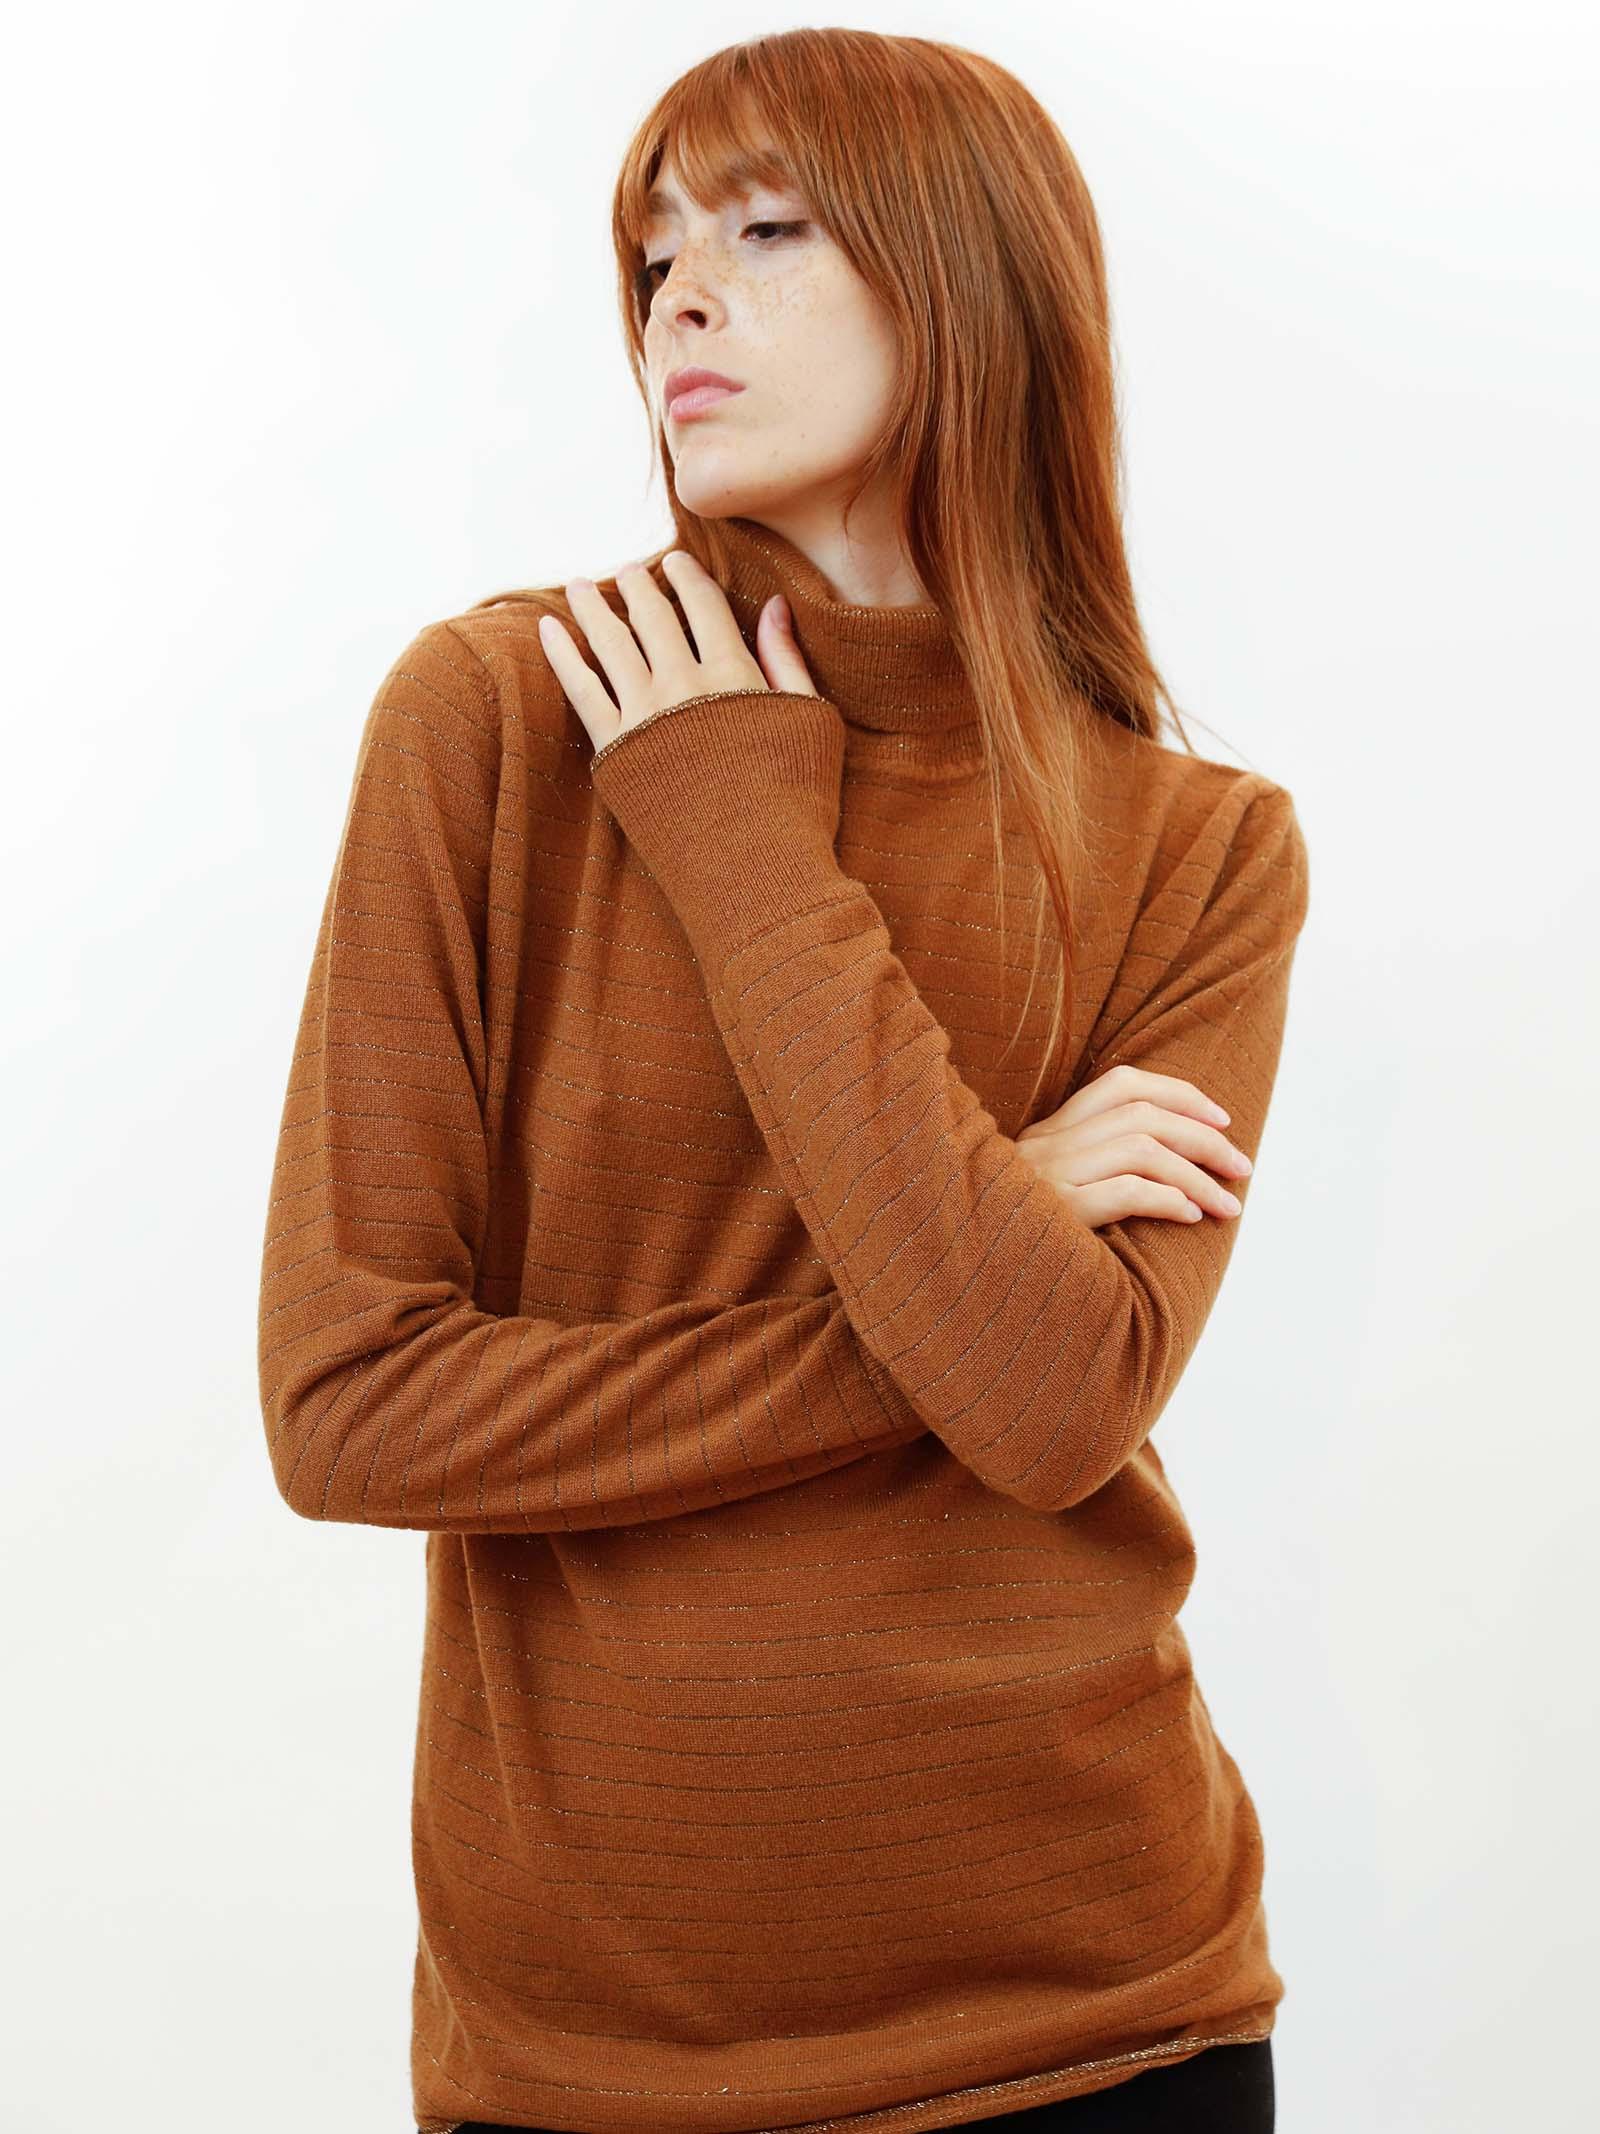 Abbigliamento Donna Maglione Collo Alto Soft Misto Cachemire in Caramello con Lurex Maliparmi | Maglieria | JQ49017052341008